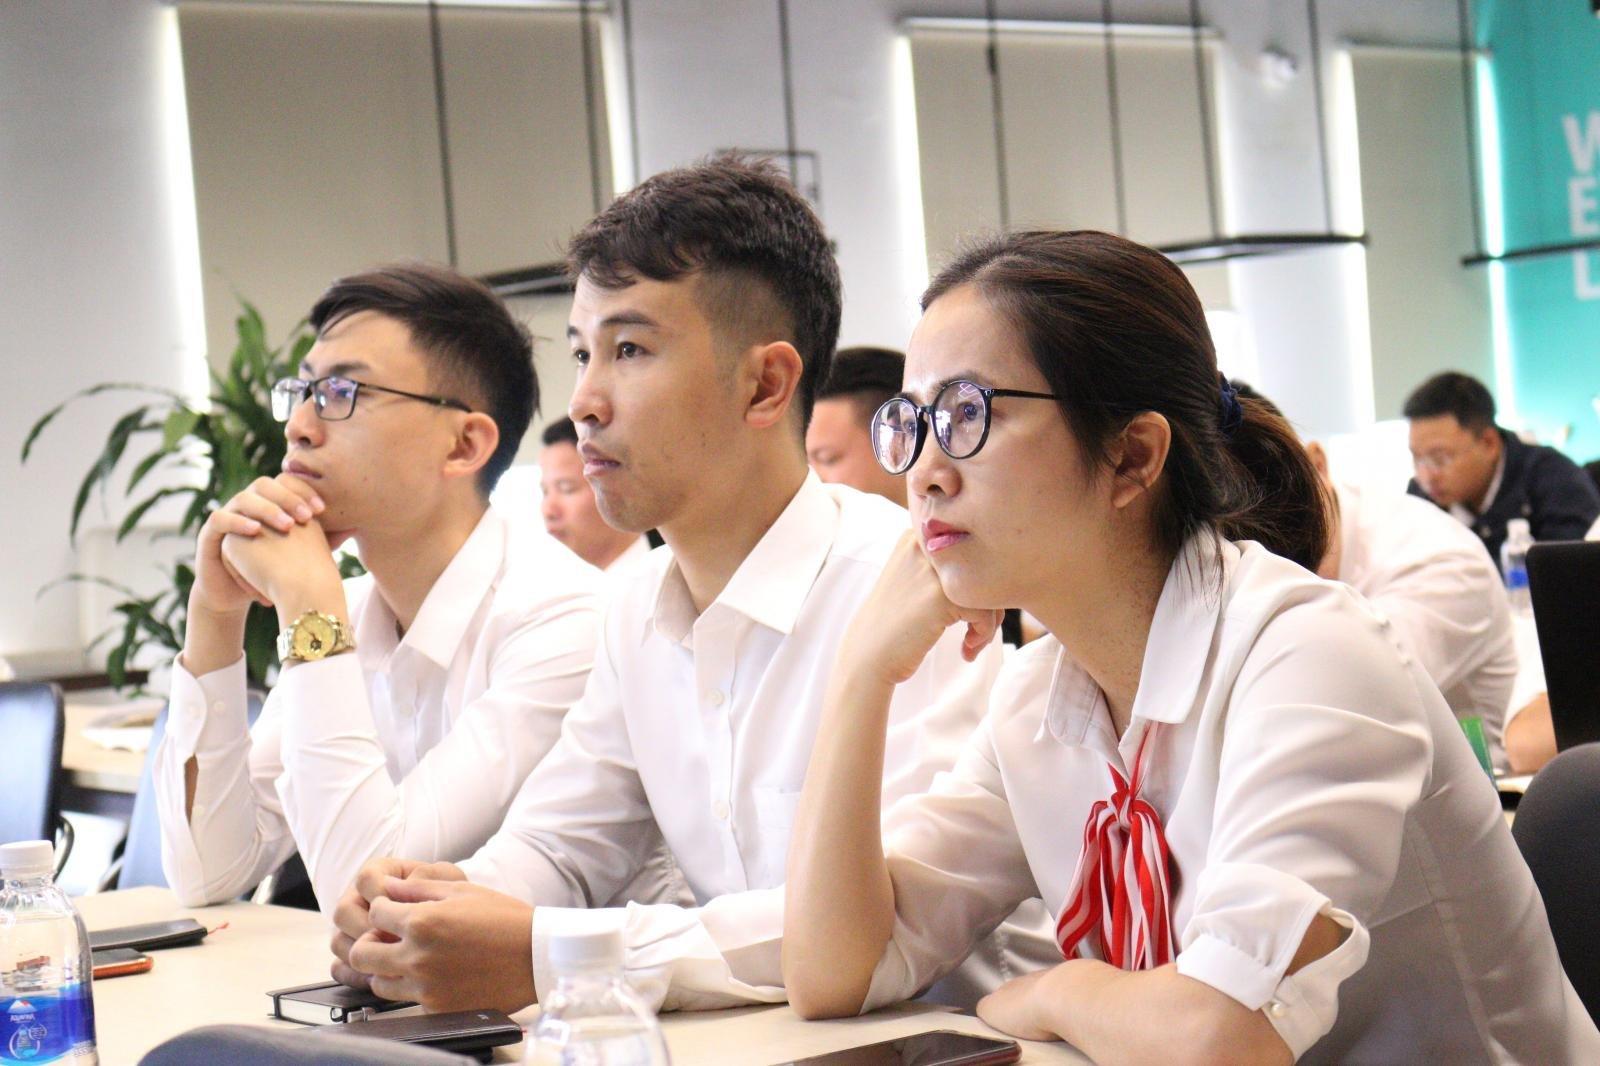 """Học viện Oto.com.vn: Nơi """"baiến bạn"""" thành nhà môi giới chuyên nghiệp thời đại 4.0"""